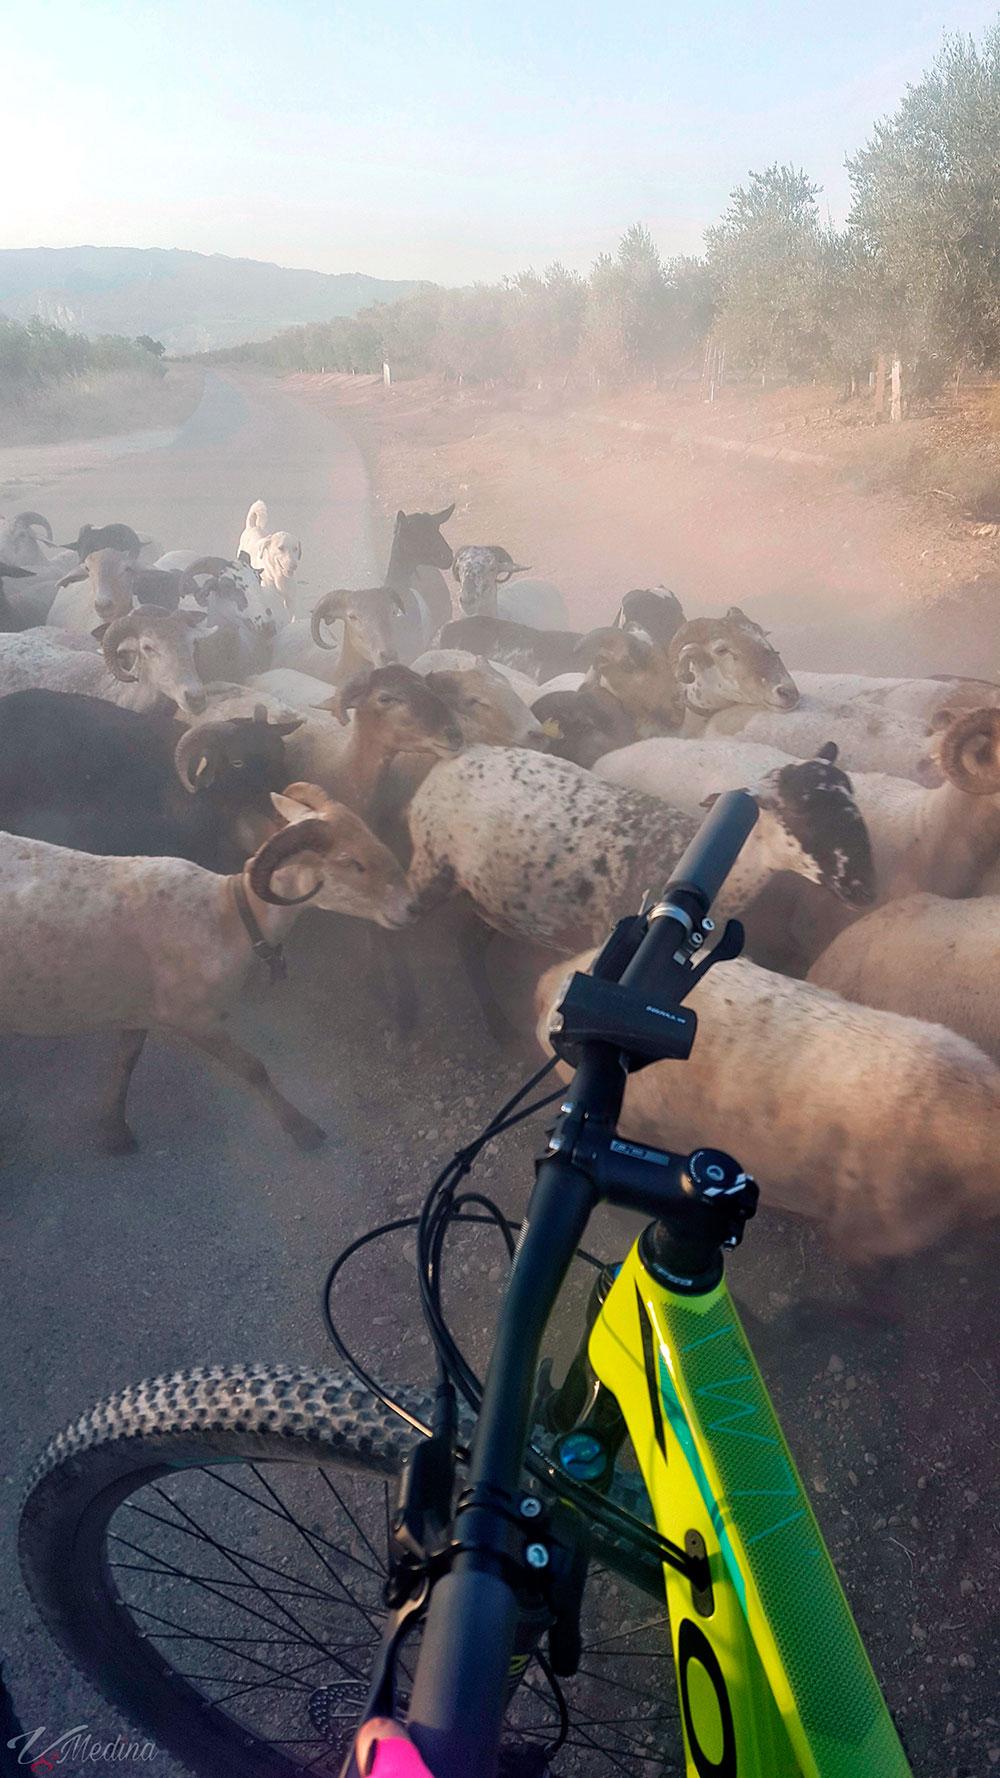 En TodoMountainBike: La foto del día en TodoMountainBike: '¡Entre cabras!'